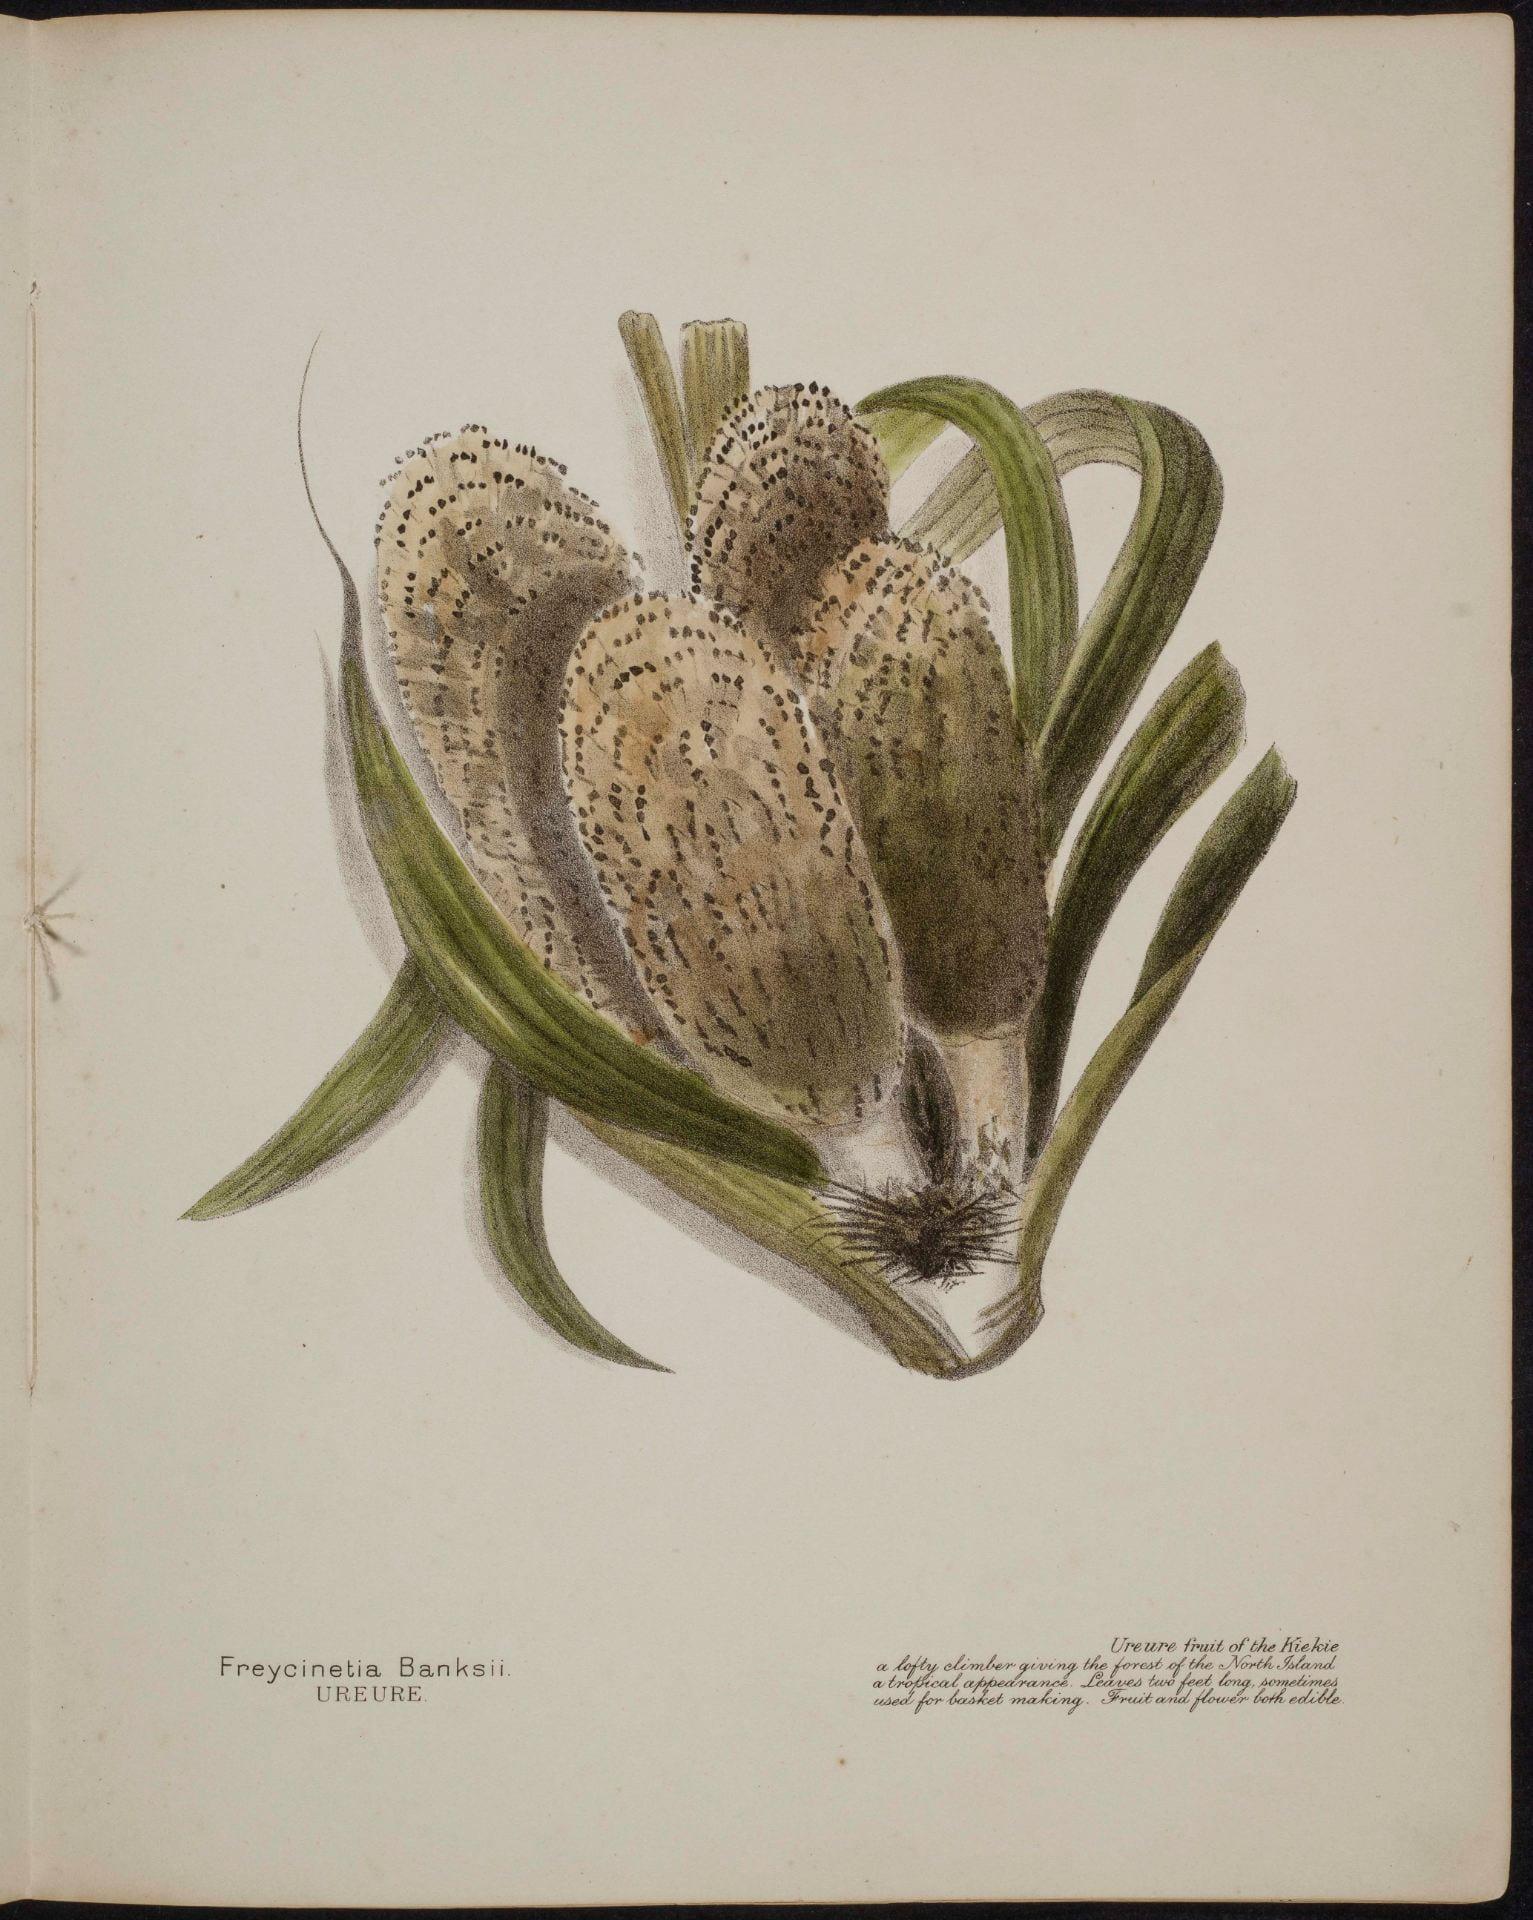 Freycinetia Banksii Ureure